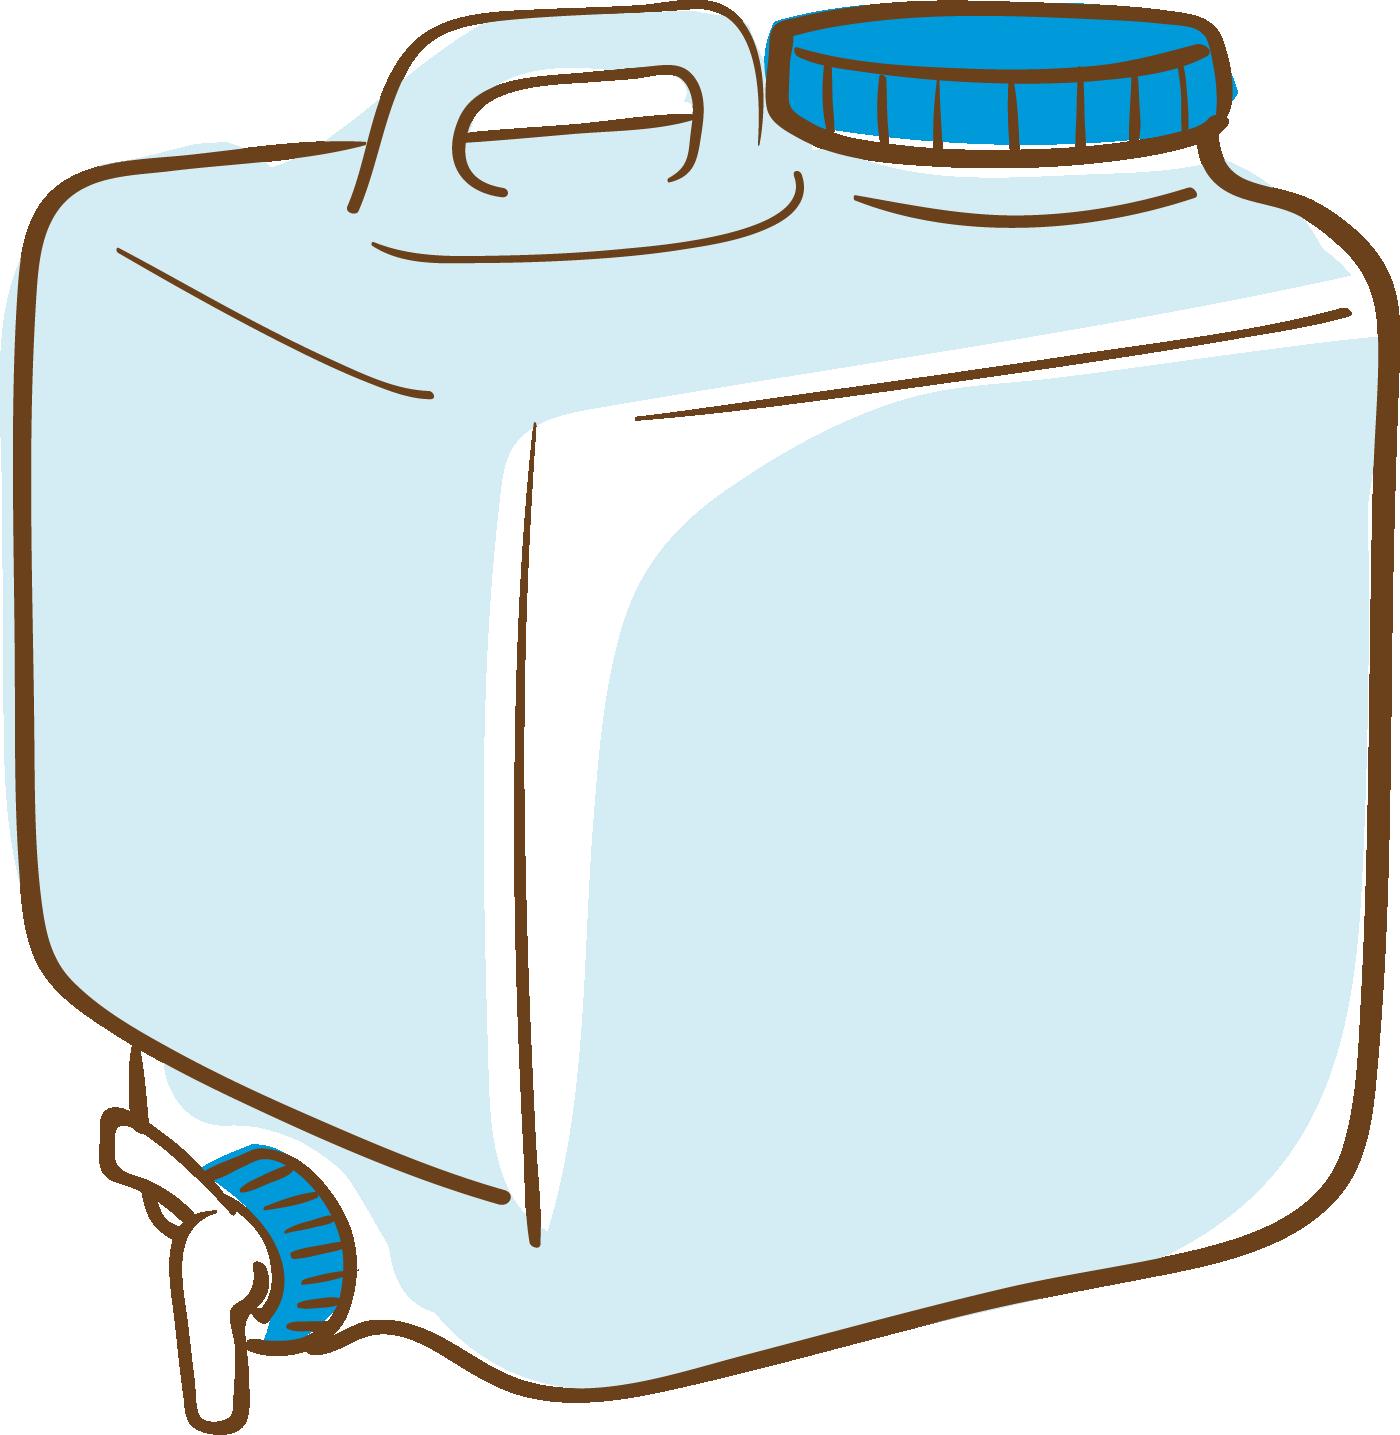 ウォータータンクのイラスト(背景透過)